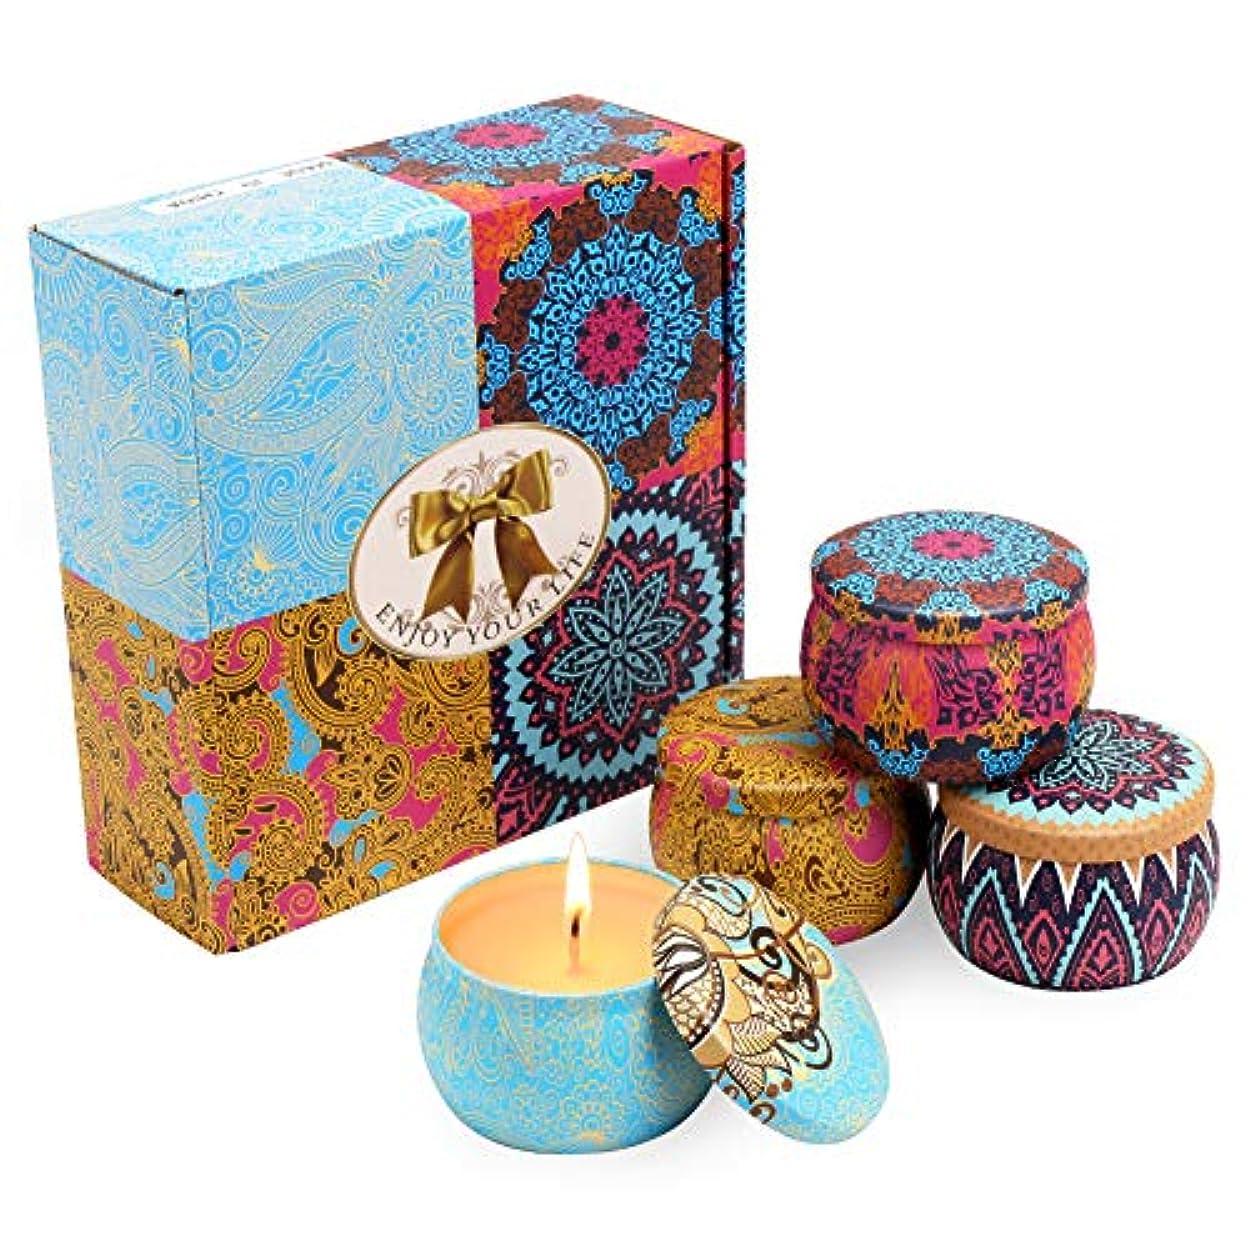 パフ風が強い憧れアロマキャンドル MANLI ソイワックス 天然 大豆ワックス 4つ香り 果物の香り 4個セット キャンドル アロマテラピー ロウソク バレンタインデー プレゼント ロマンチック 結婚式 誕生日(四セット)